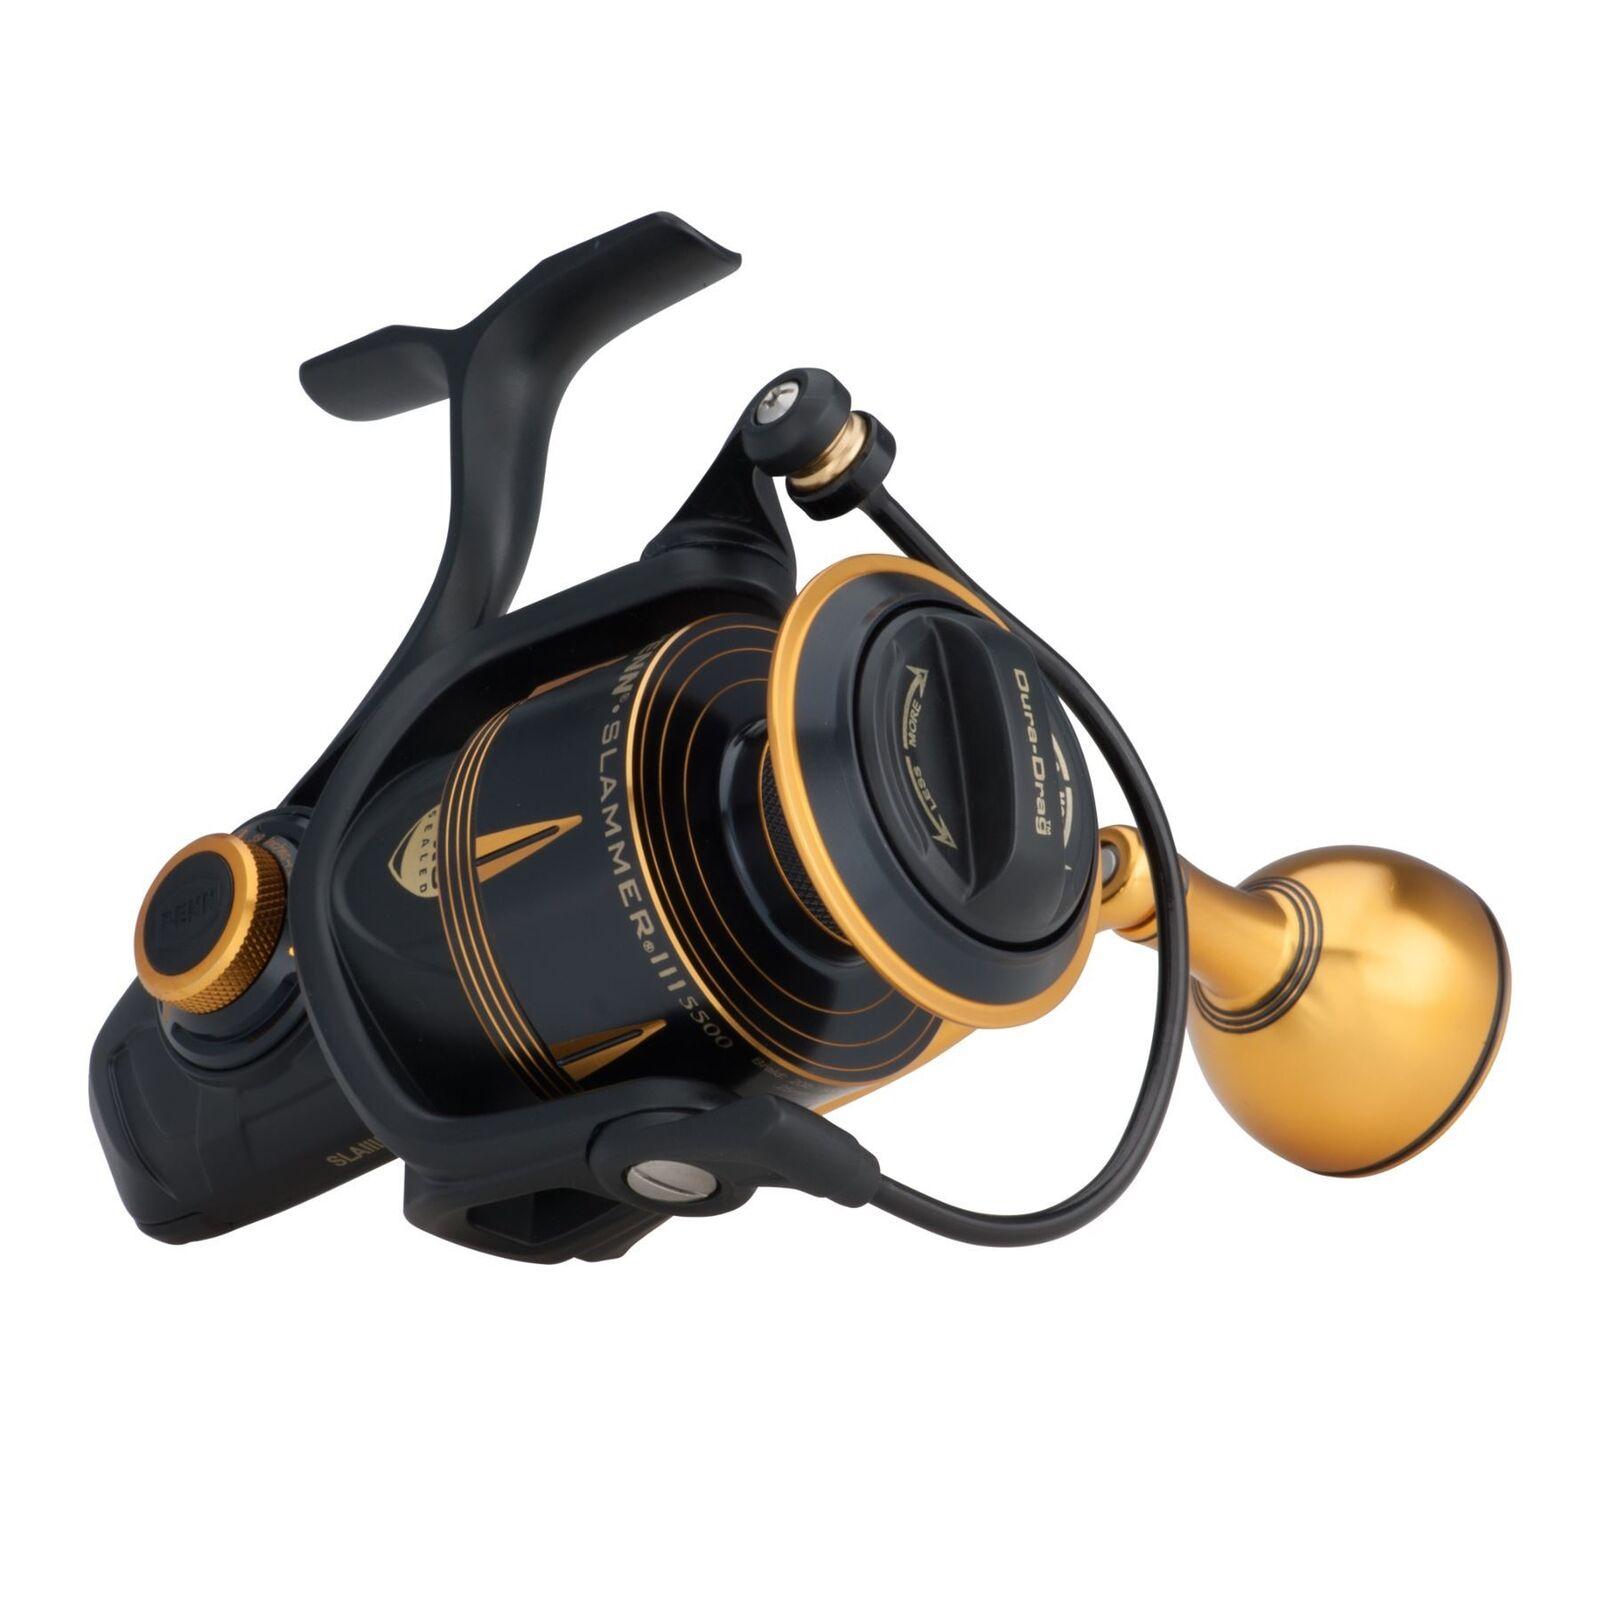 Penn Slammer III 5500   Heavy Duty Spinning Fishing Reel